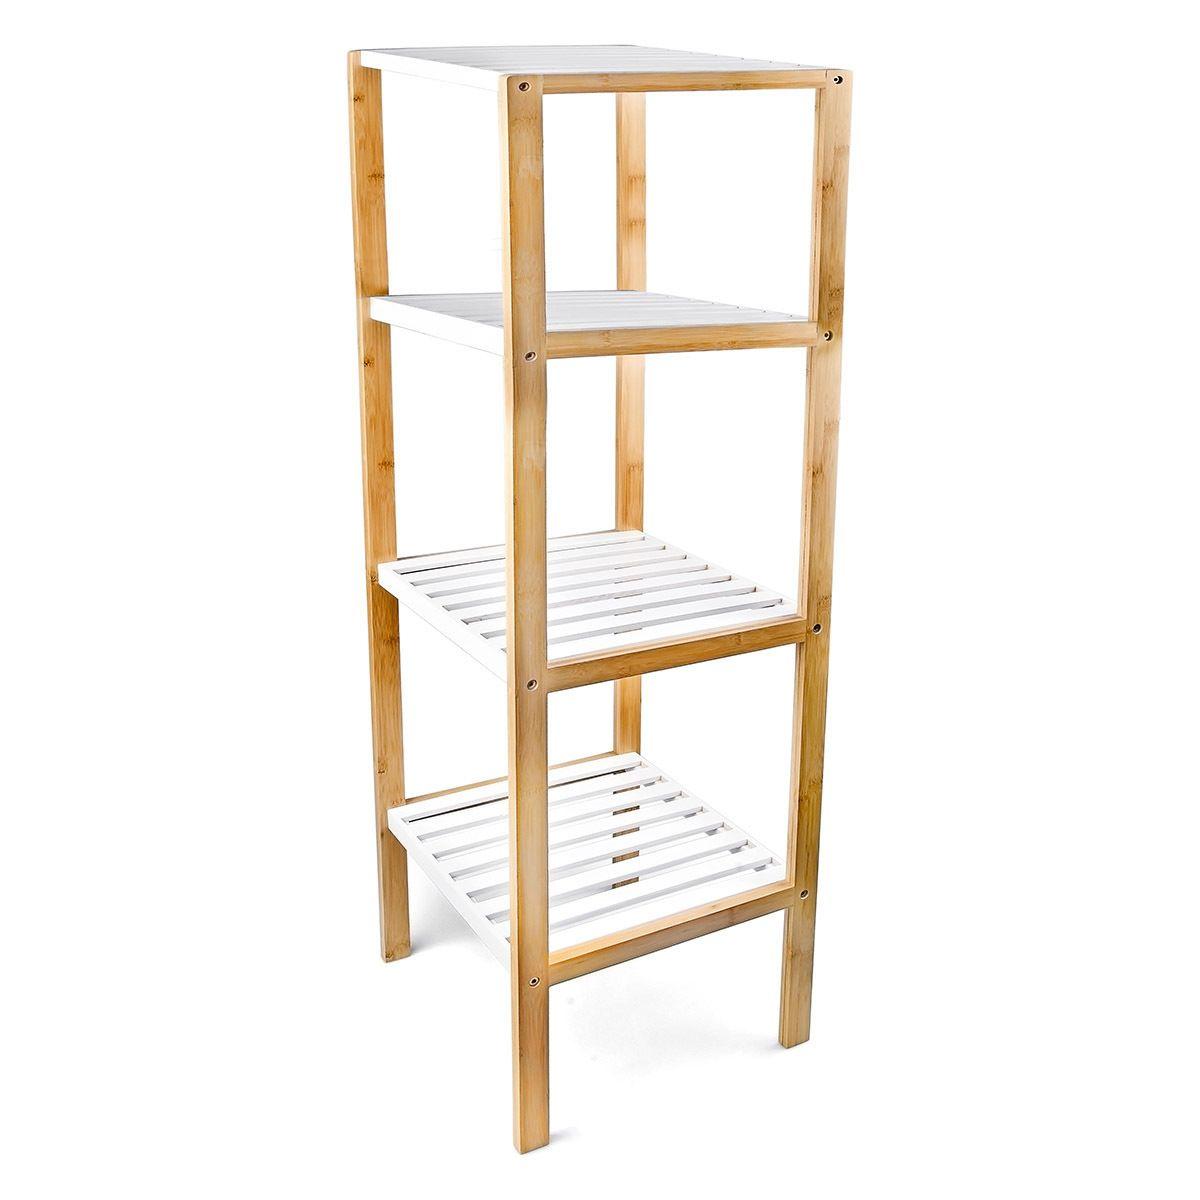 Full Size of Ikea Holzregal Regal Bambus Mit 4 Ablagen Schlafzimmer Einrichten Betten Bei Küche Kosten Kaufen 160x200 Badezimmer Sofa Schlaffunktion Modulküche Miniküche Wohnzimmer Ikea Holzregal